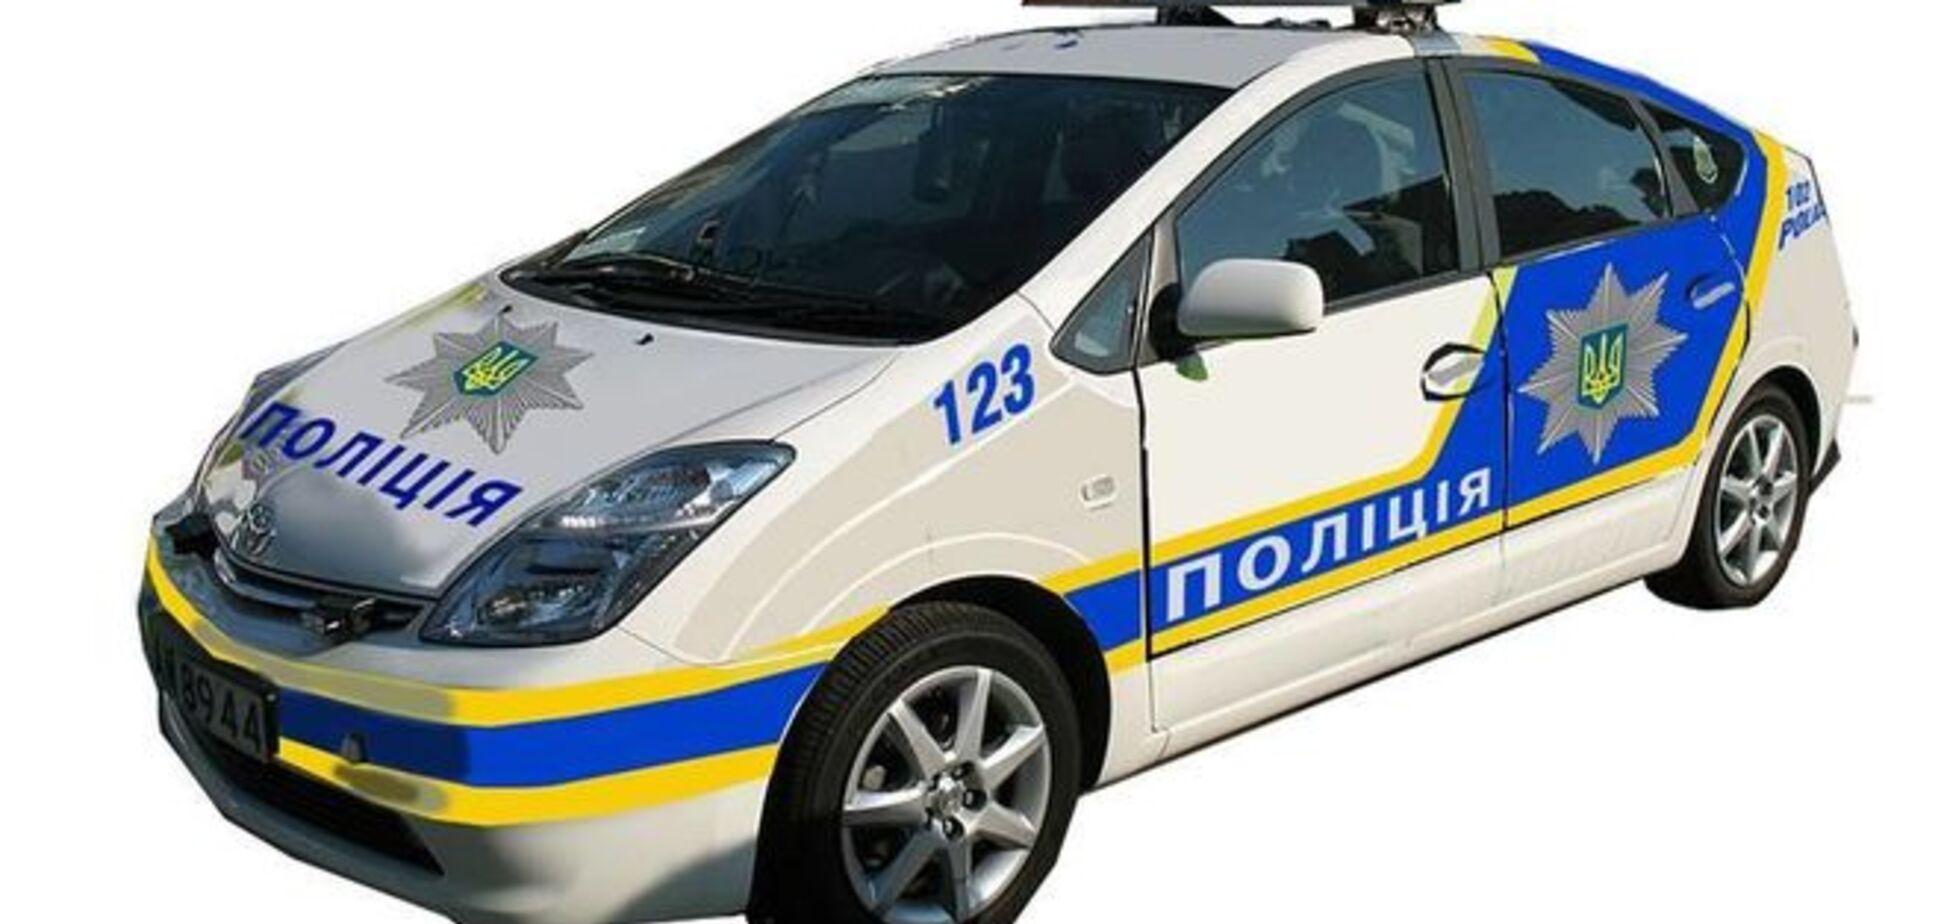 Новой патрульной службой Киева будет руководить 'неподкупный офицер АТО'